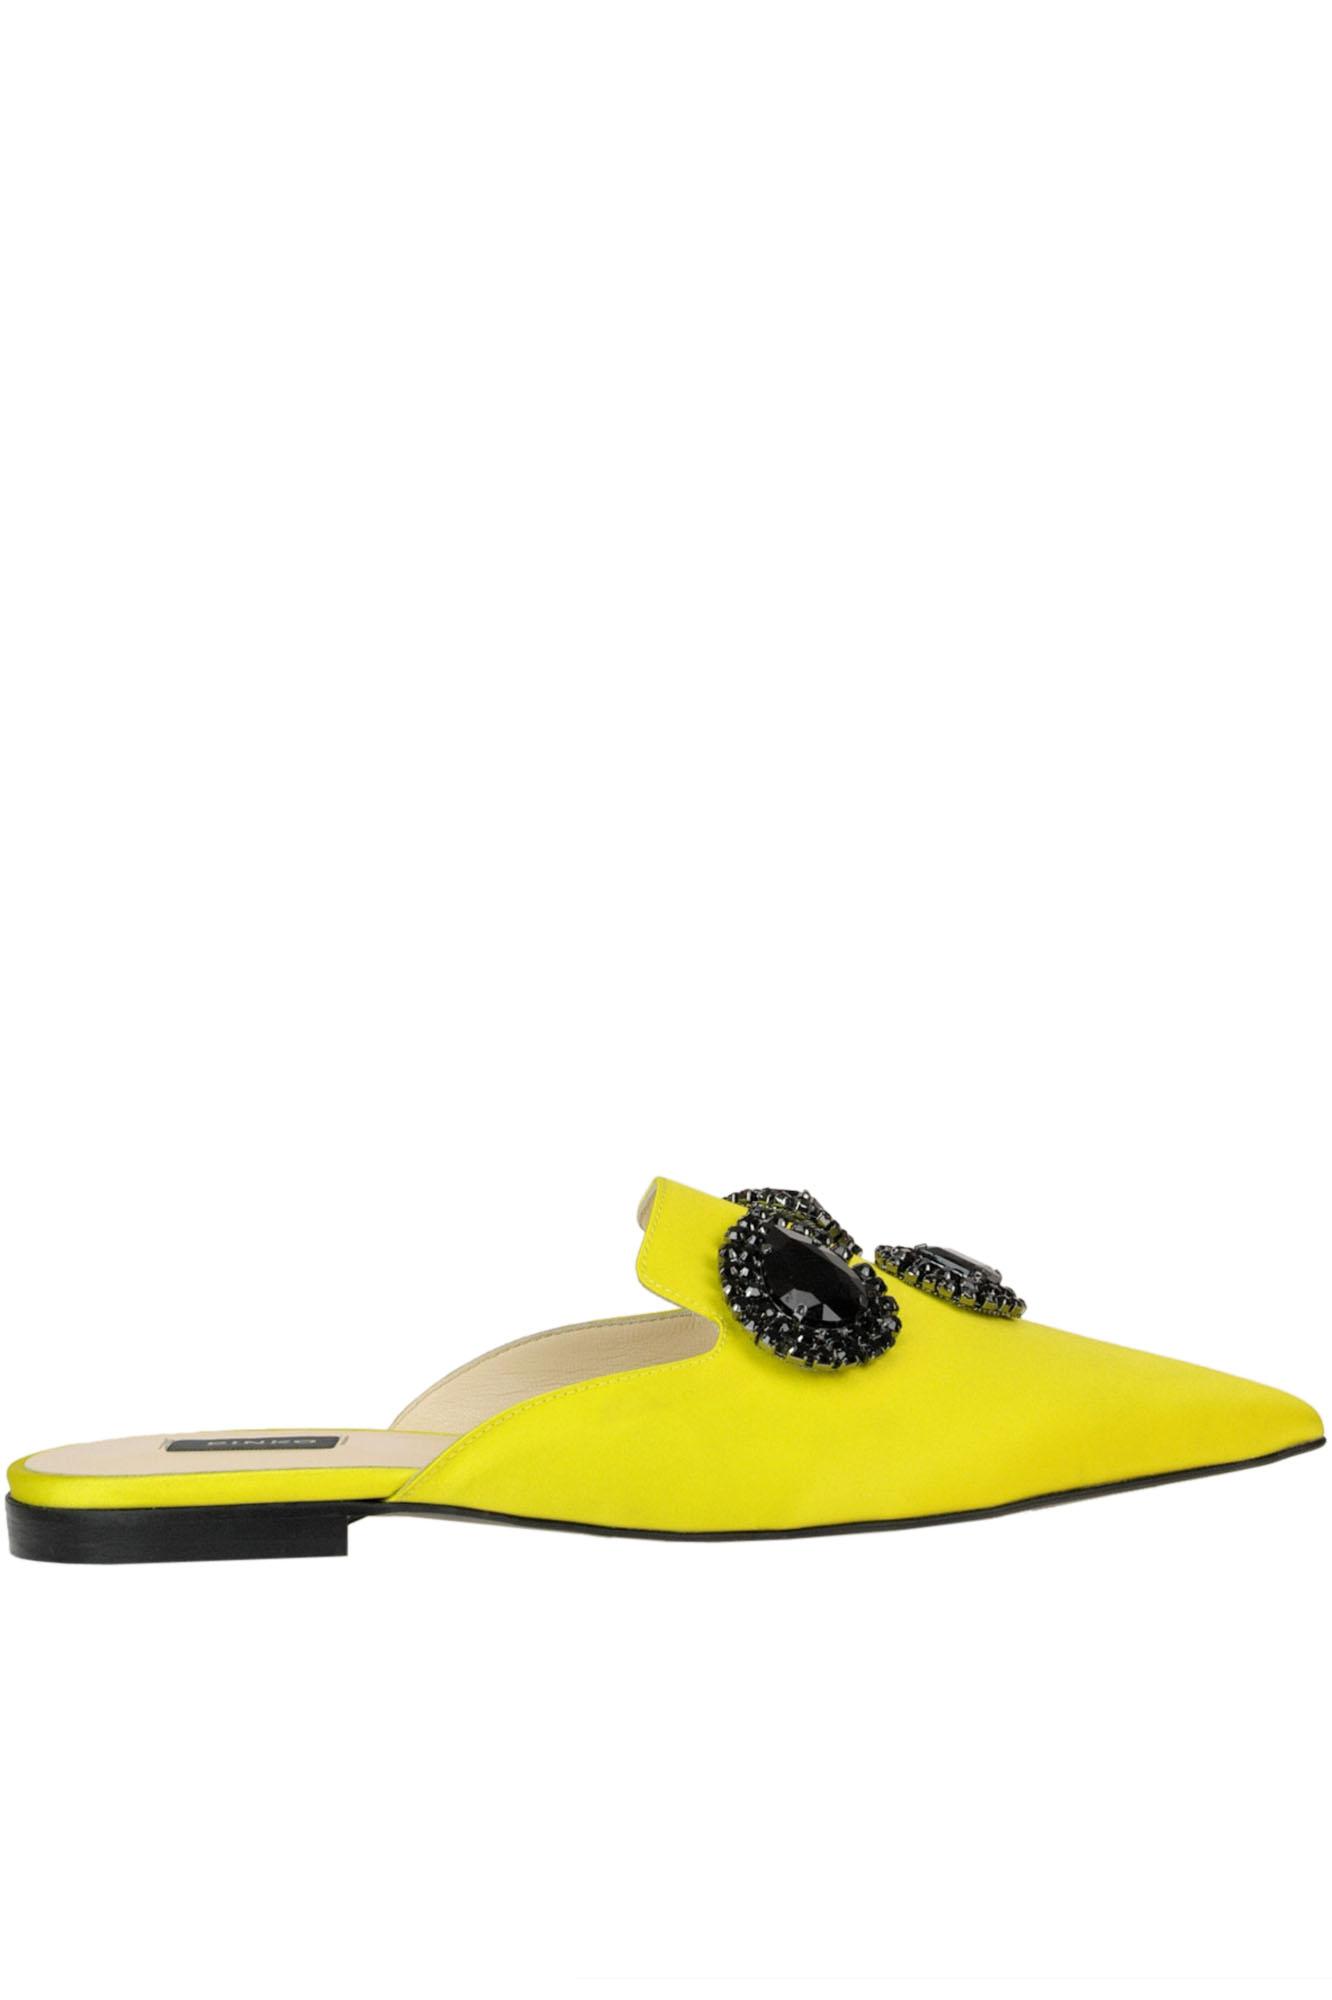 PINKO 'Arancia' Satin Mules in Yellow